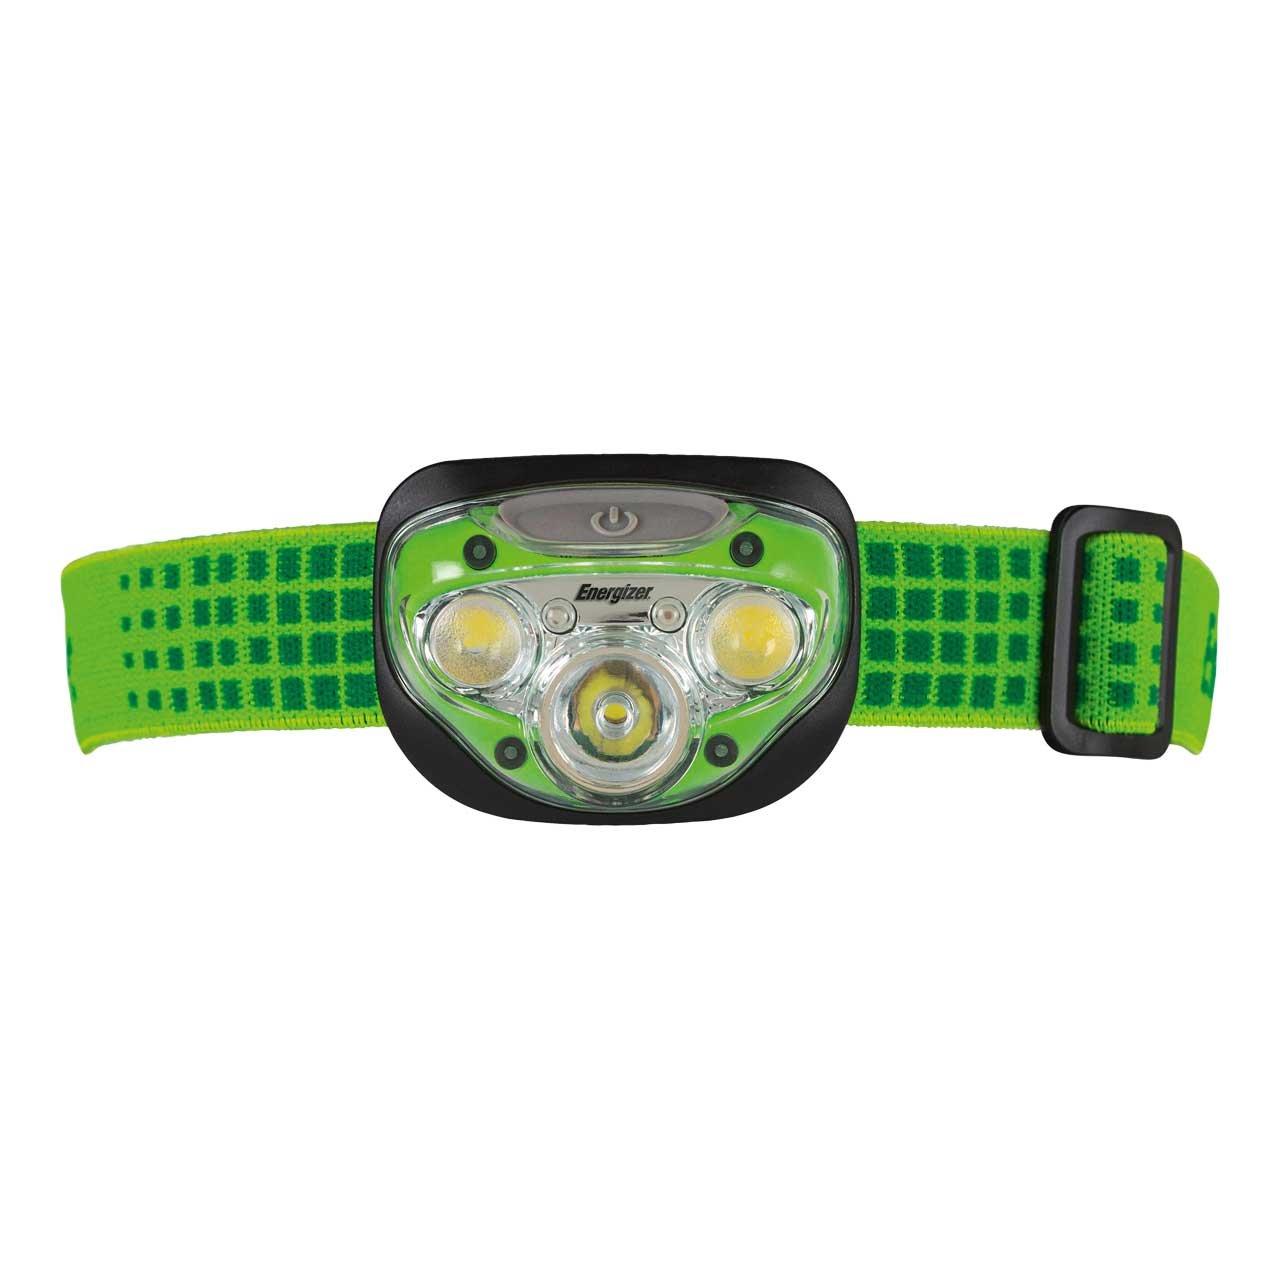 LEDKopflampe Vision HD+